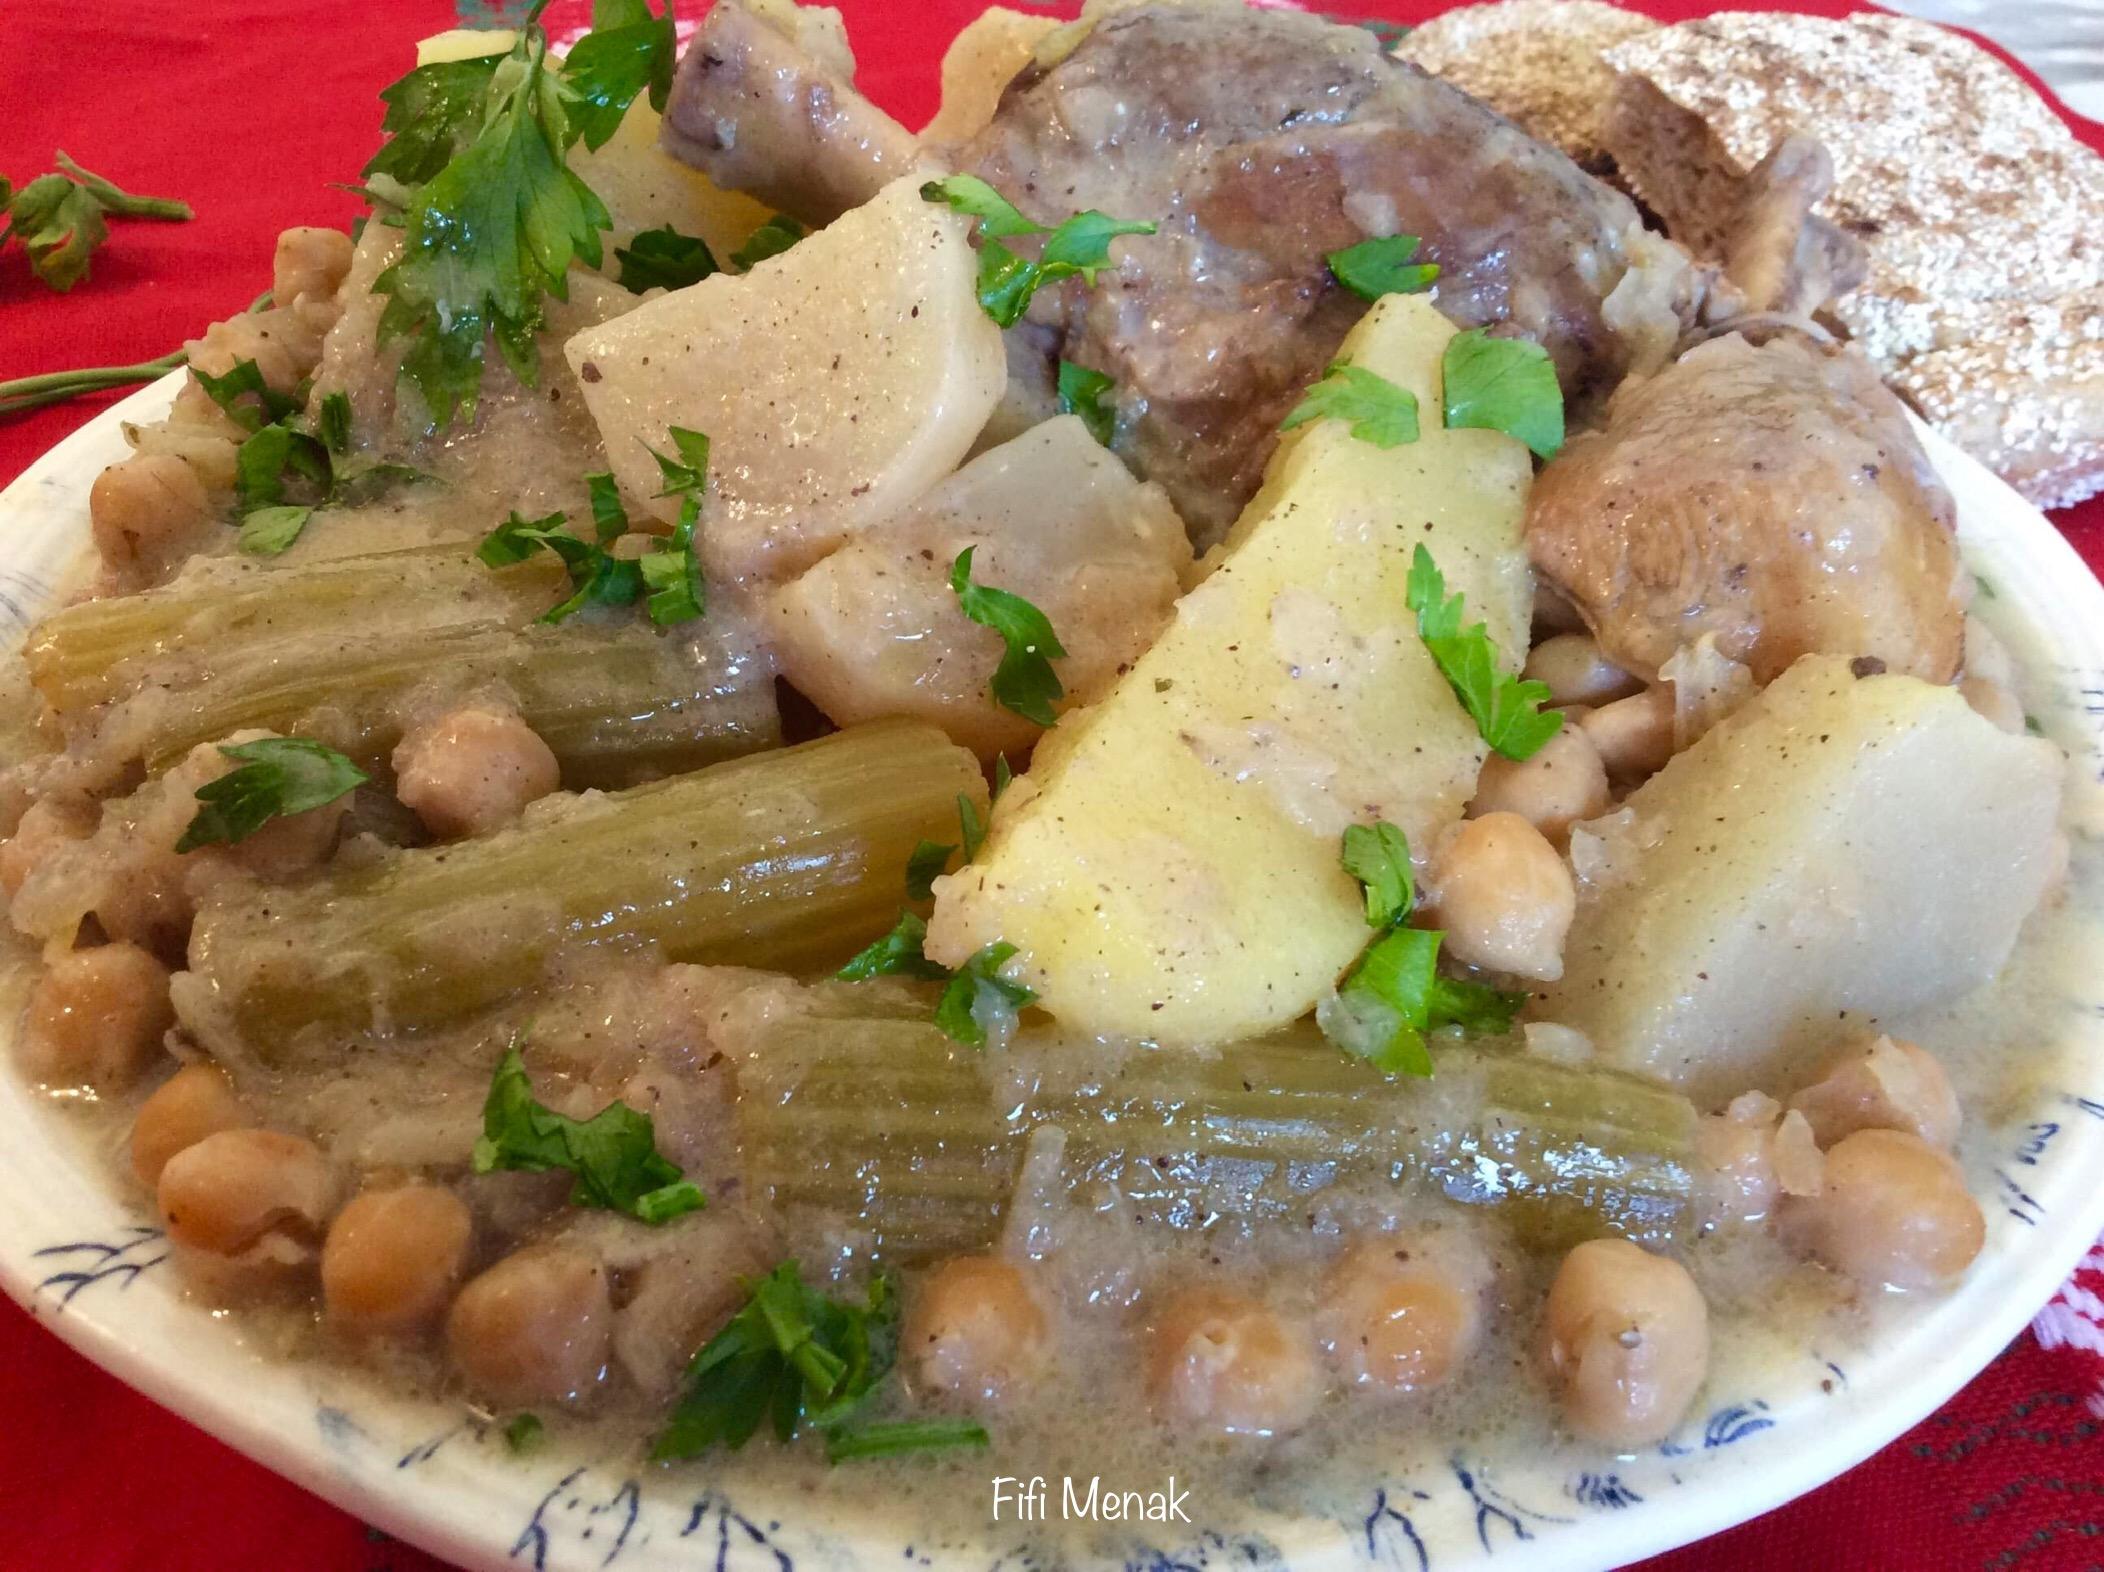 Légumes en sauce blanche (djwaz biad)